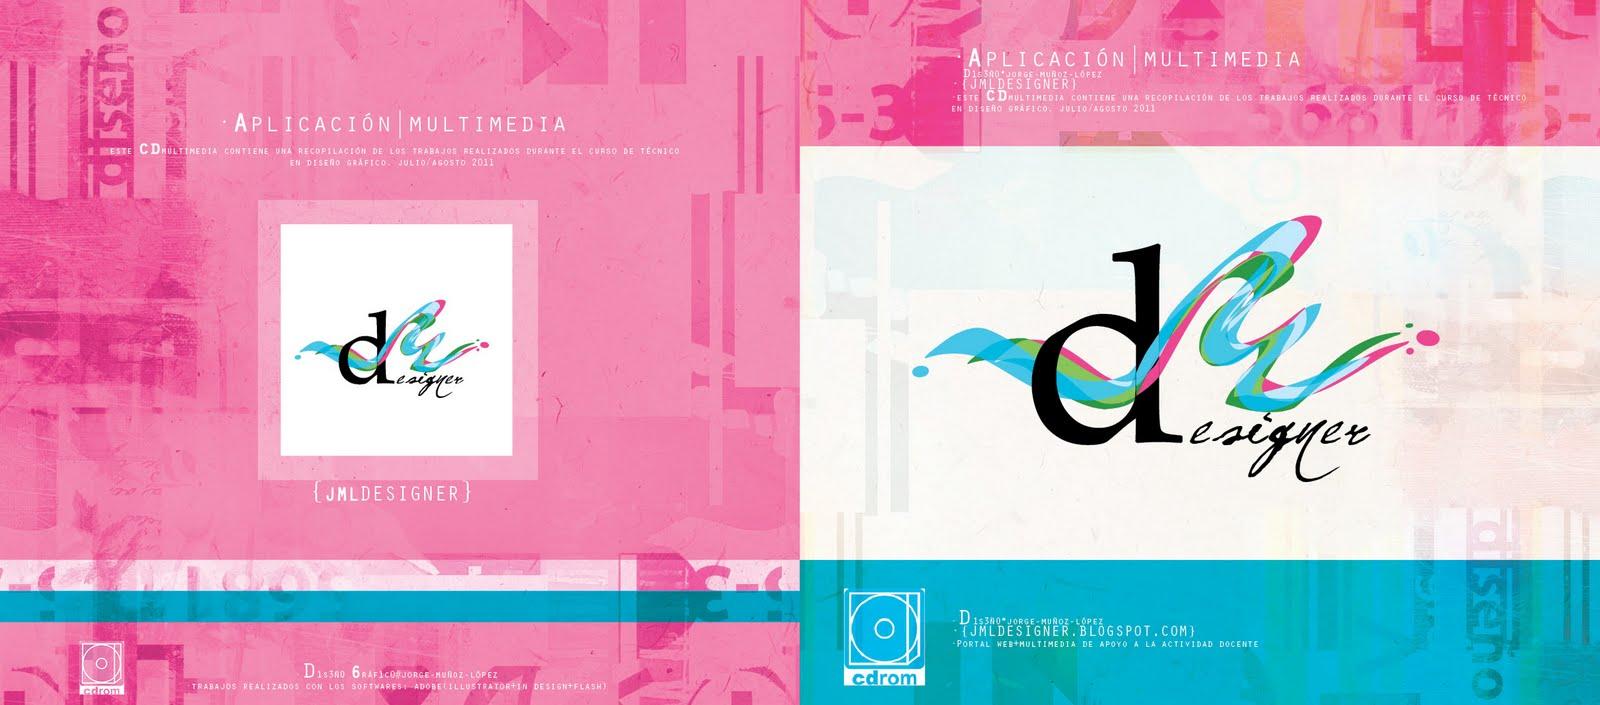 diseñojorgemuñoz/indesign]: julio 2011